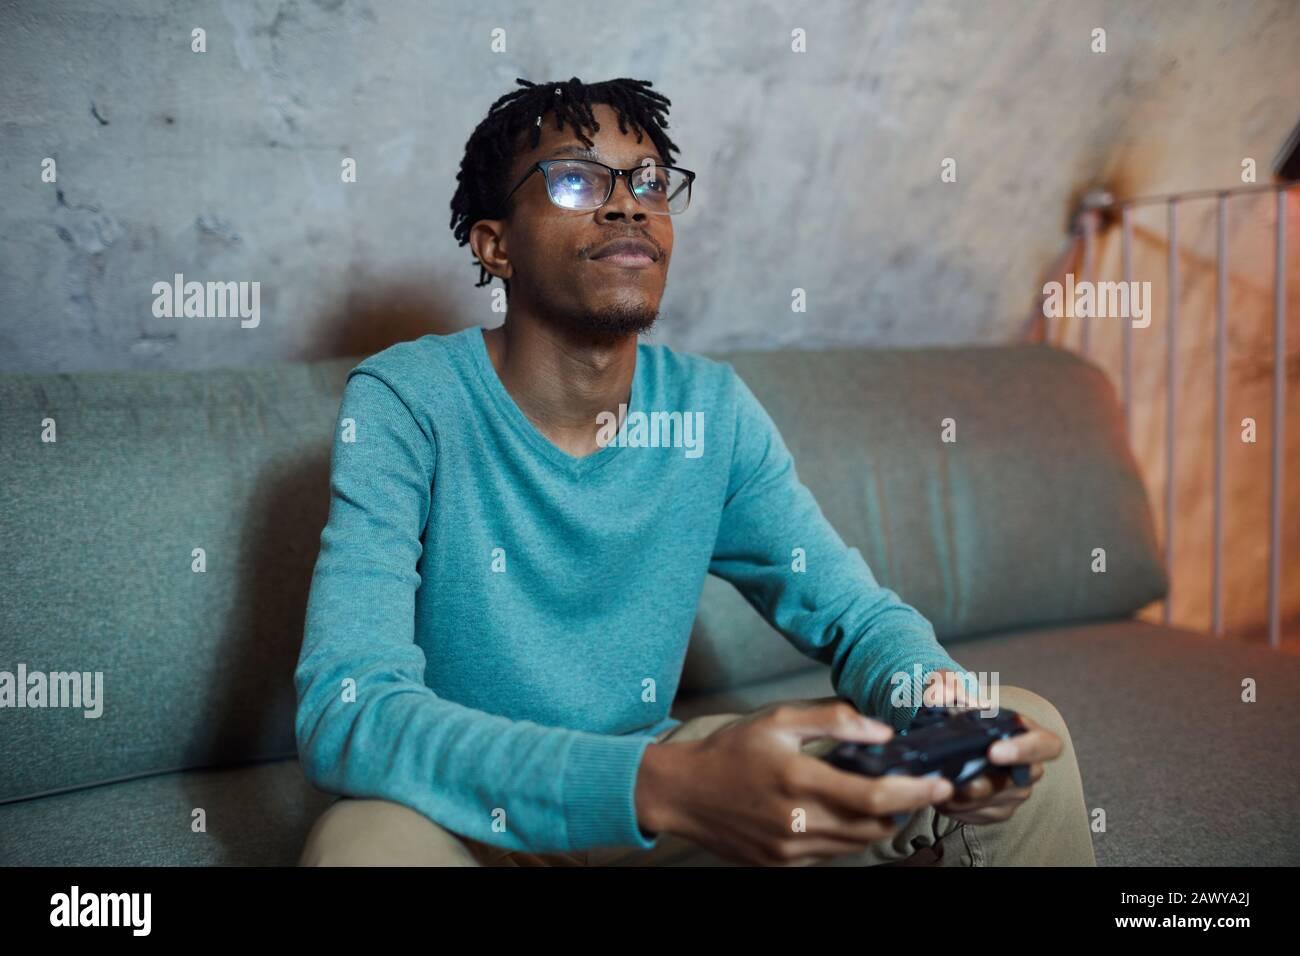 Portrait d'un homme afro-américain souriant jouant aux jeux vidéo via une console de jeu, espace de copie Banque D'Images